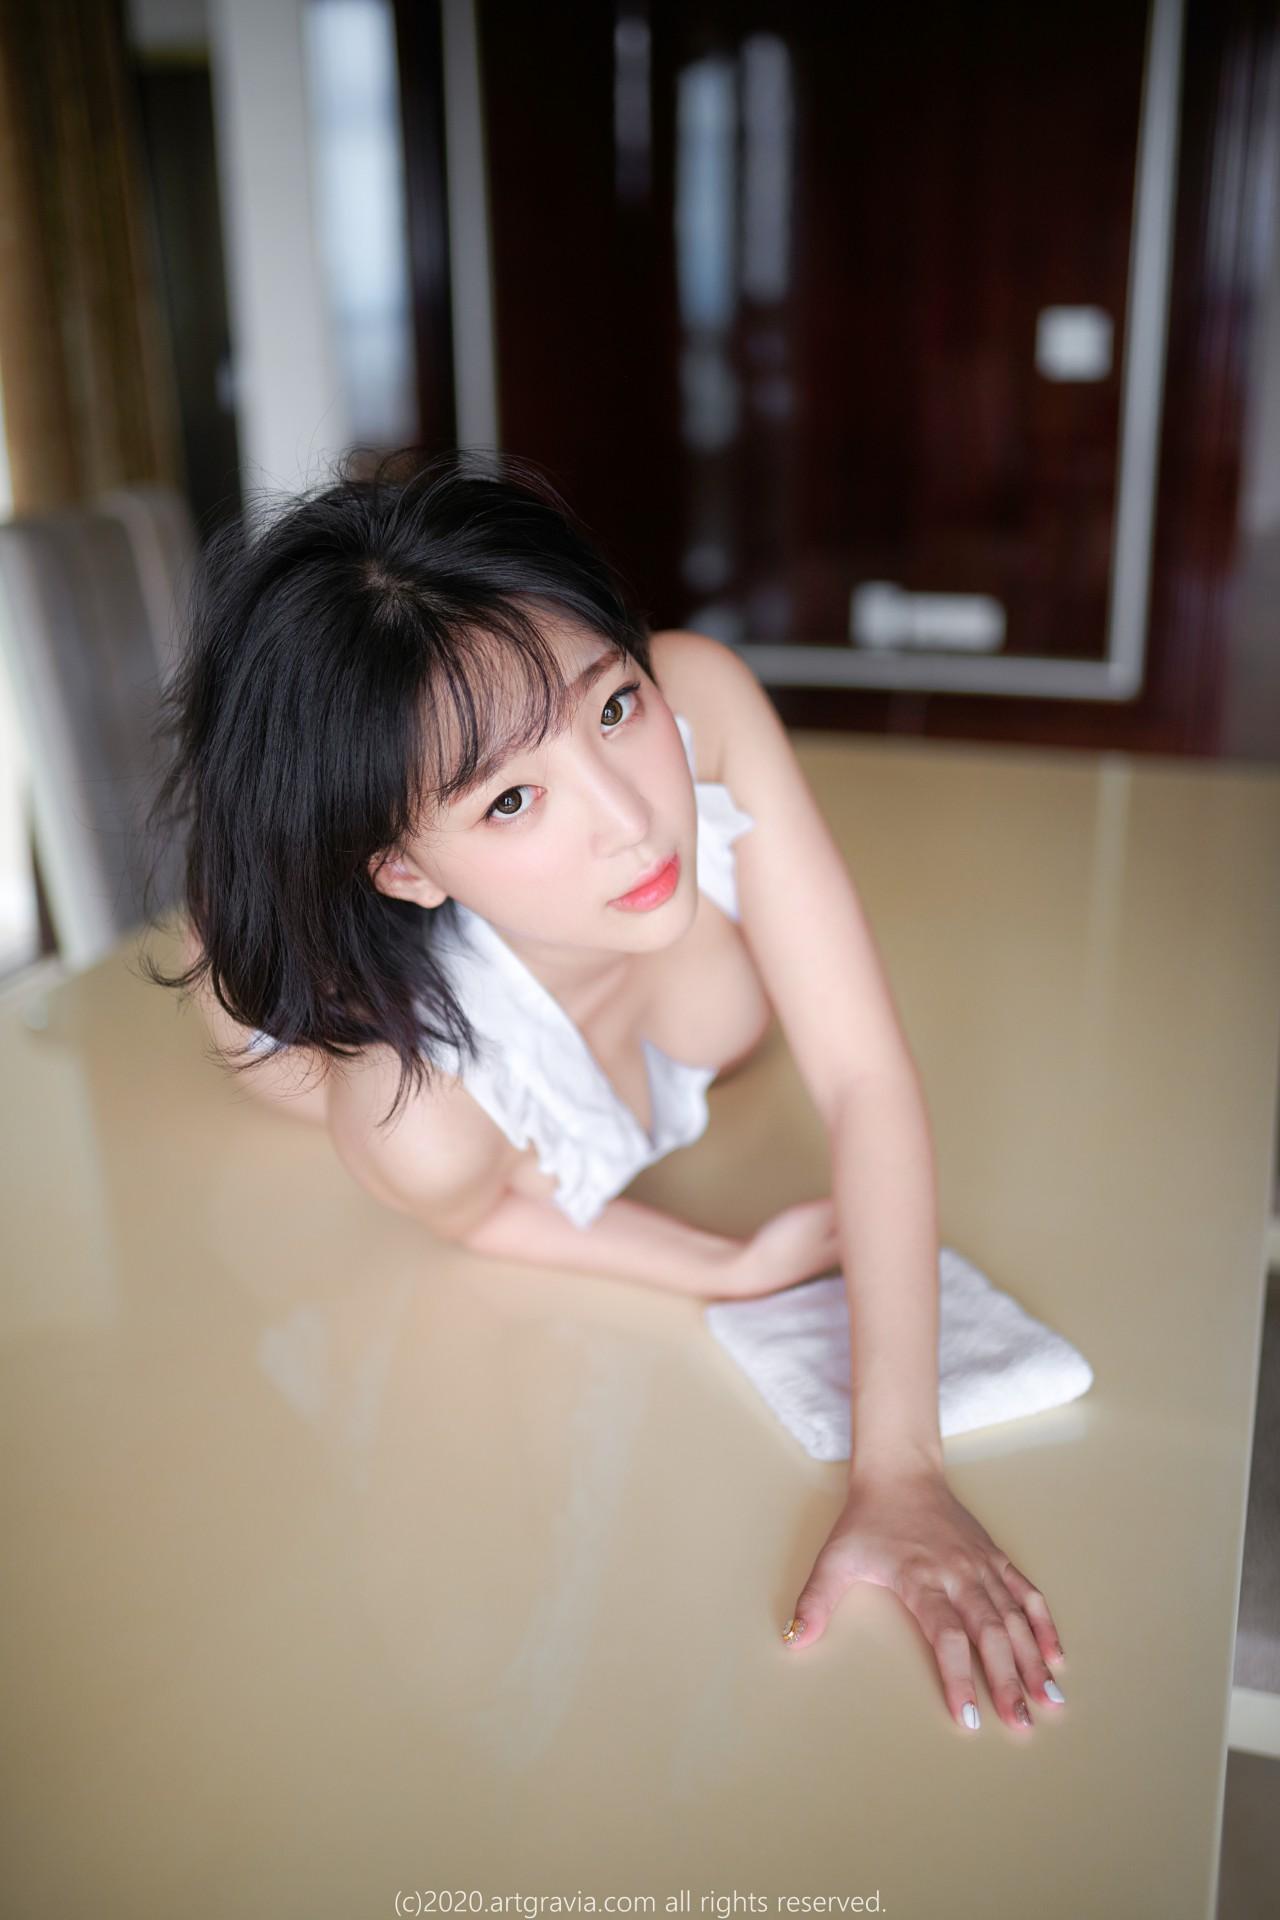 [ARTGRAVIA] VOL.134 巨乳少女姜仁卿 第4张